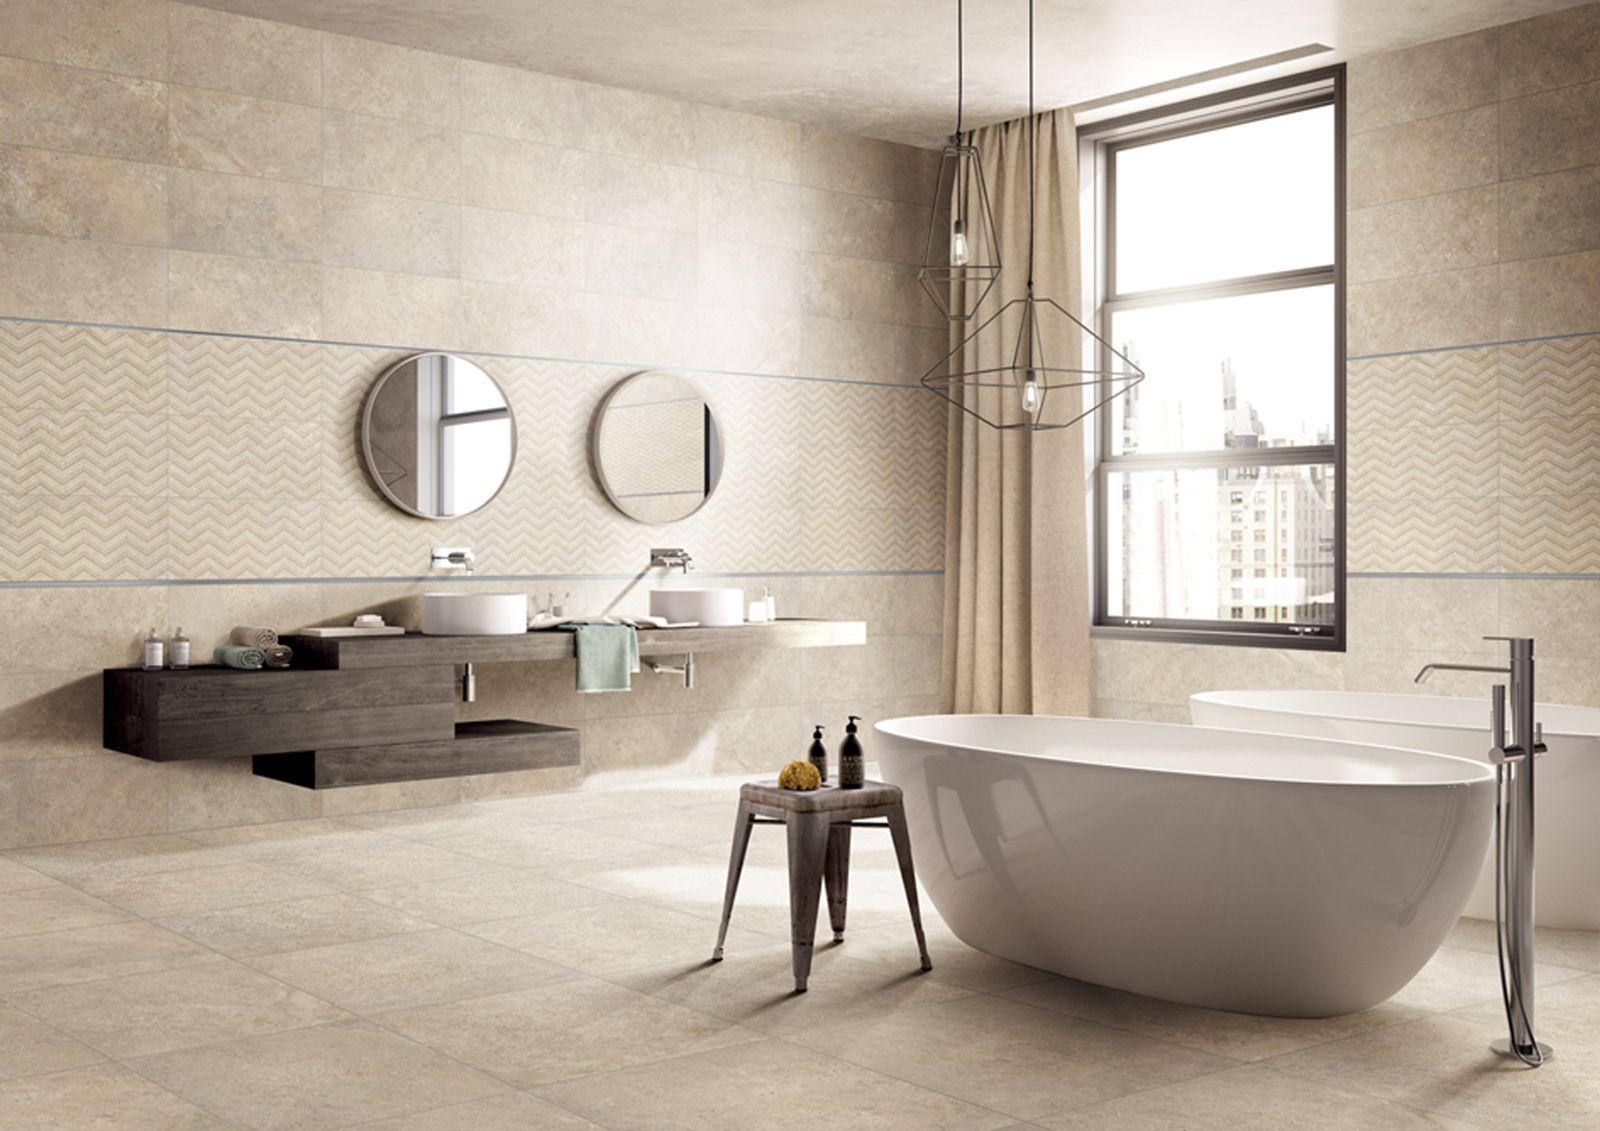 Image result for nhà tắm chất liệu bê tông